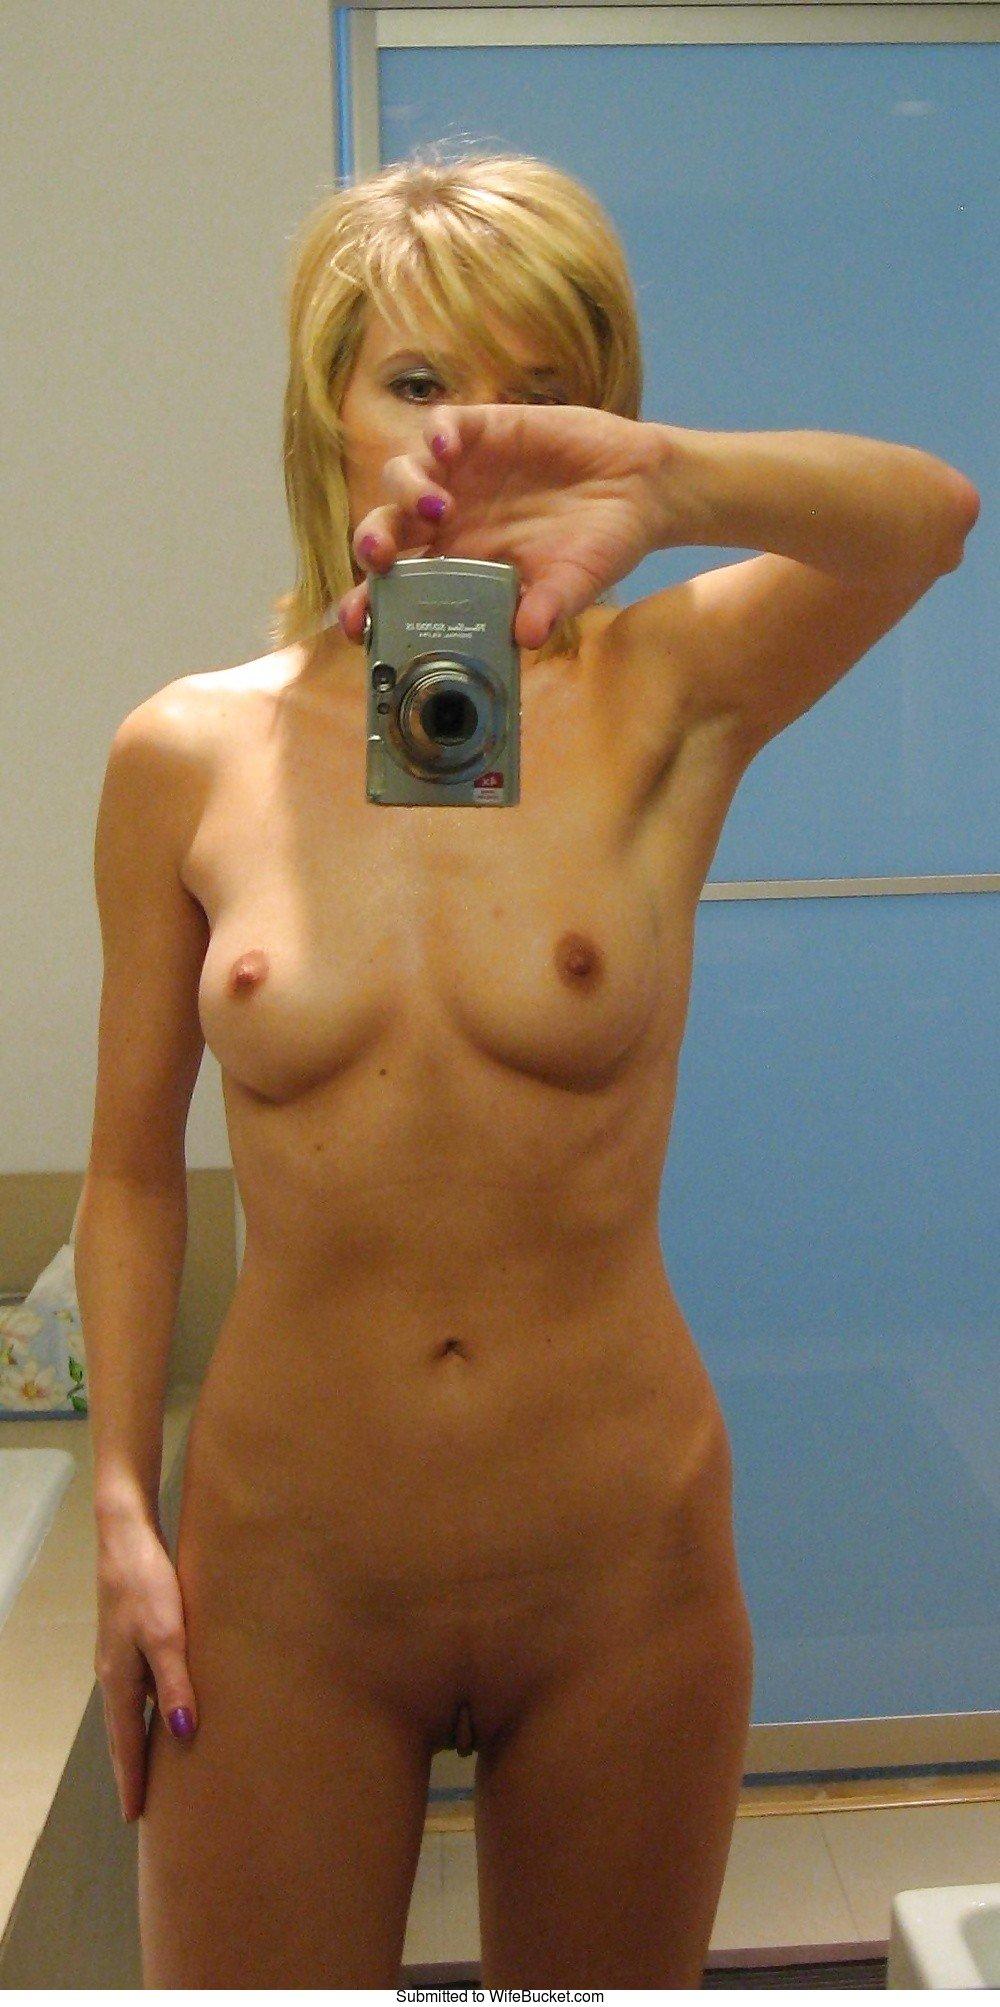 Wives nude selfies-4107